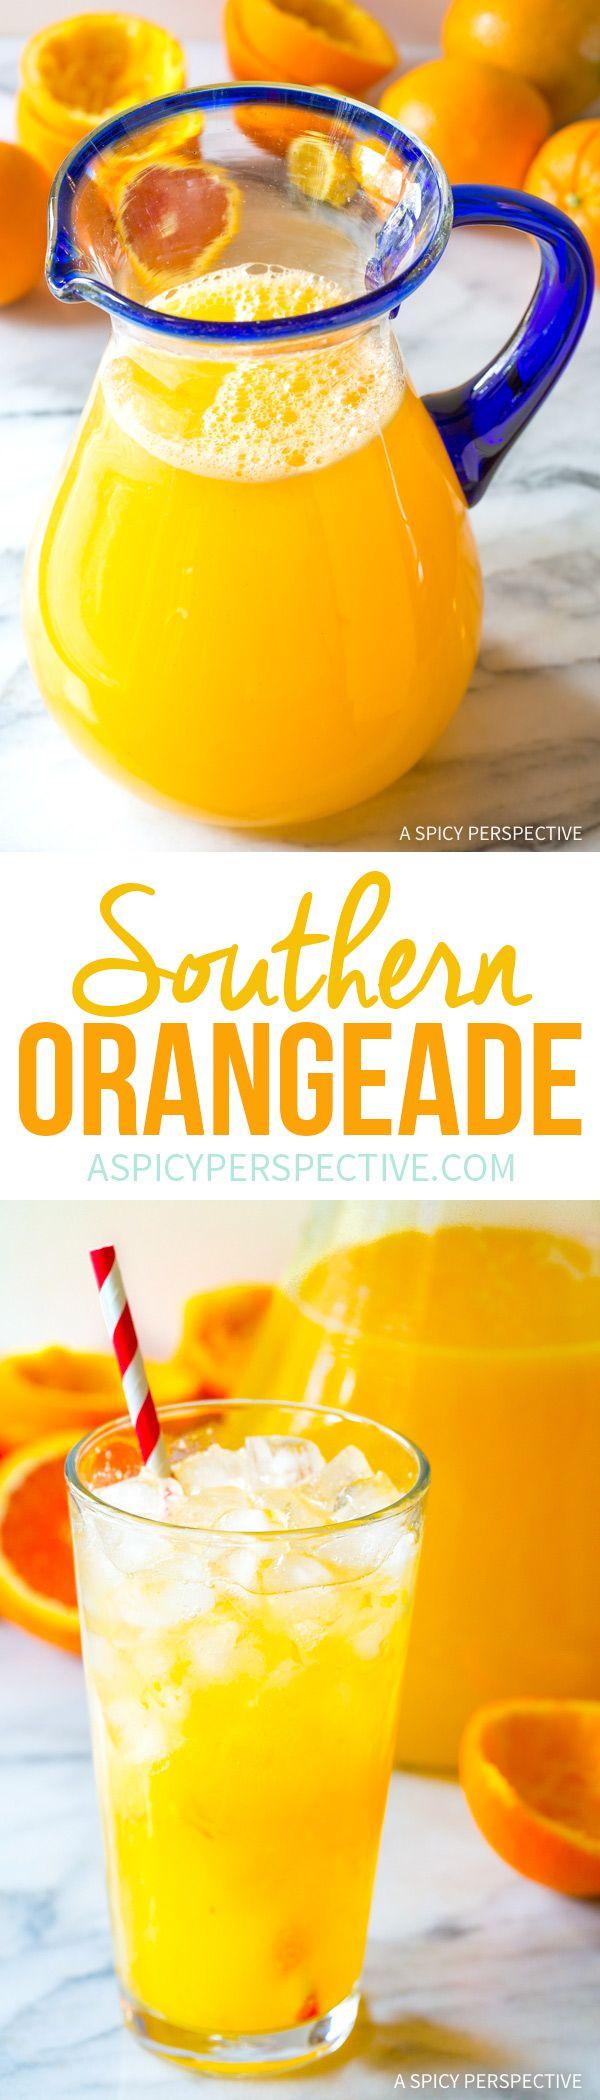 Breakfast Drinks Alcohol  Best 25 Southern breakfast ideas on Pinterest